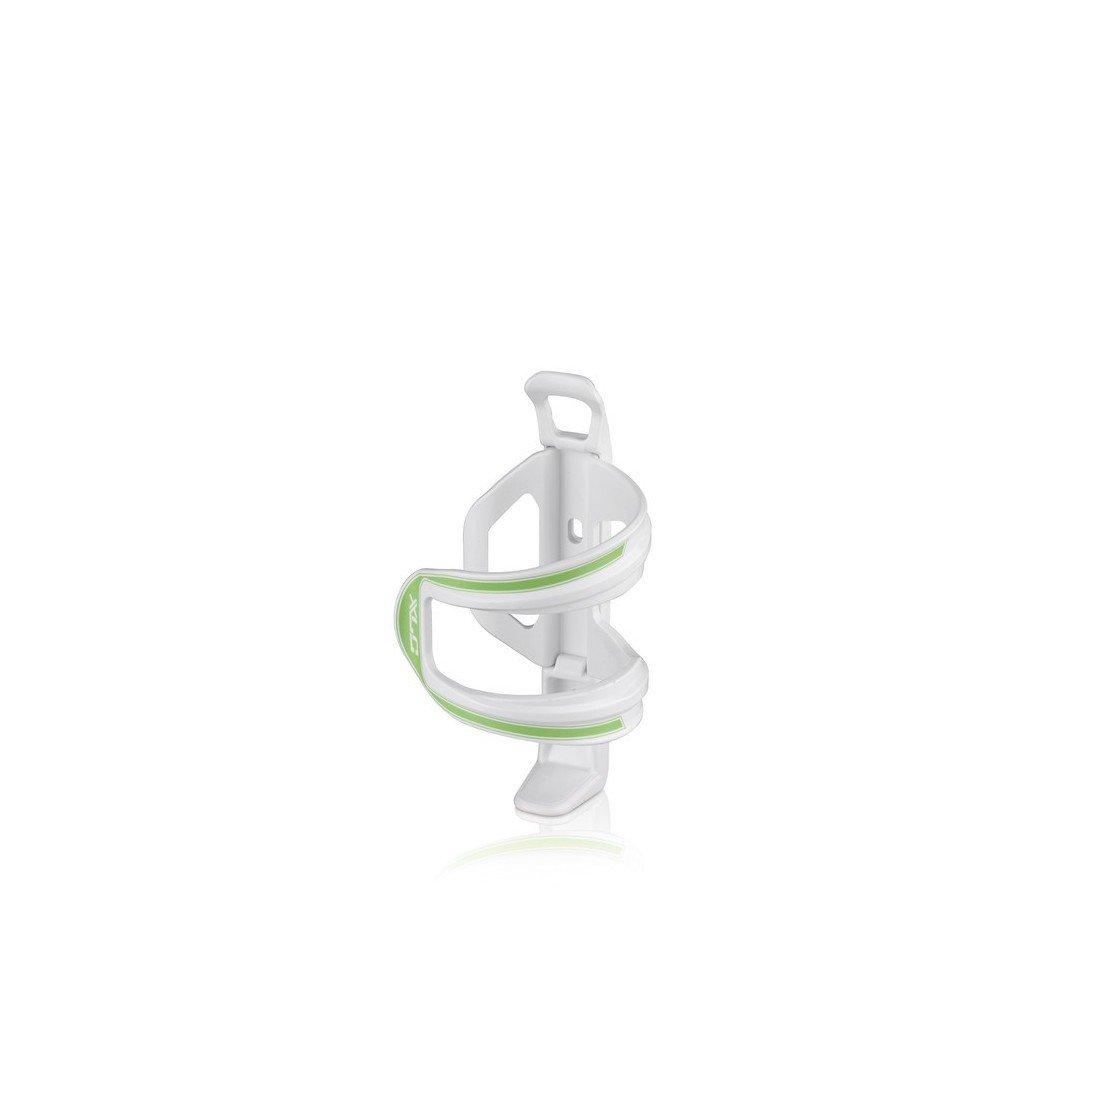 XLC Unisex– Erwachsene Zubehör Trinkflaschenhalter Sidecage BC-S06, Weiß,